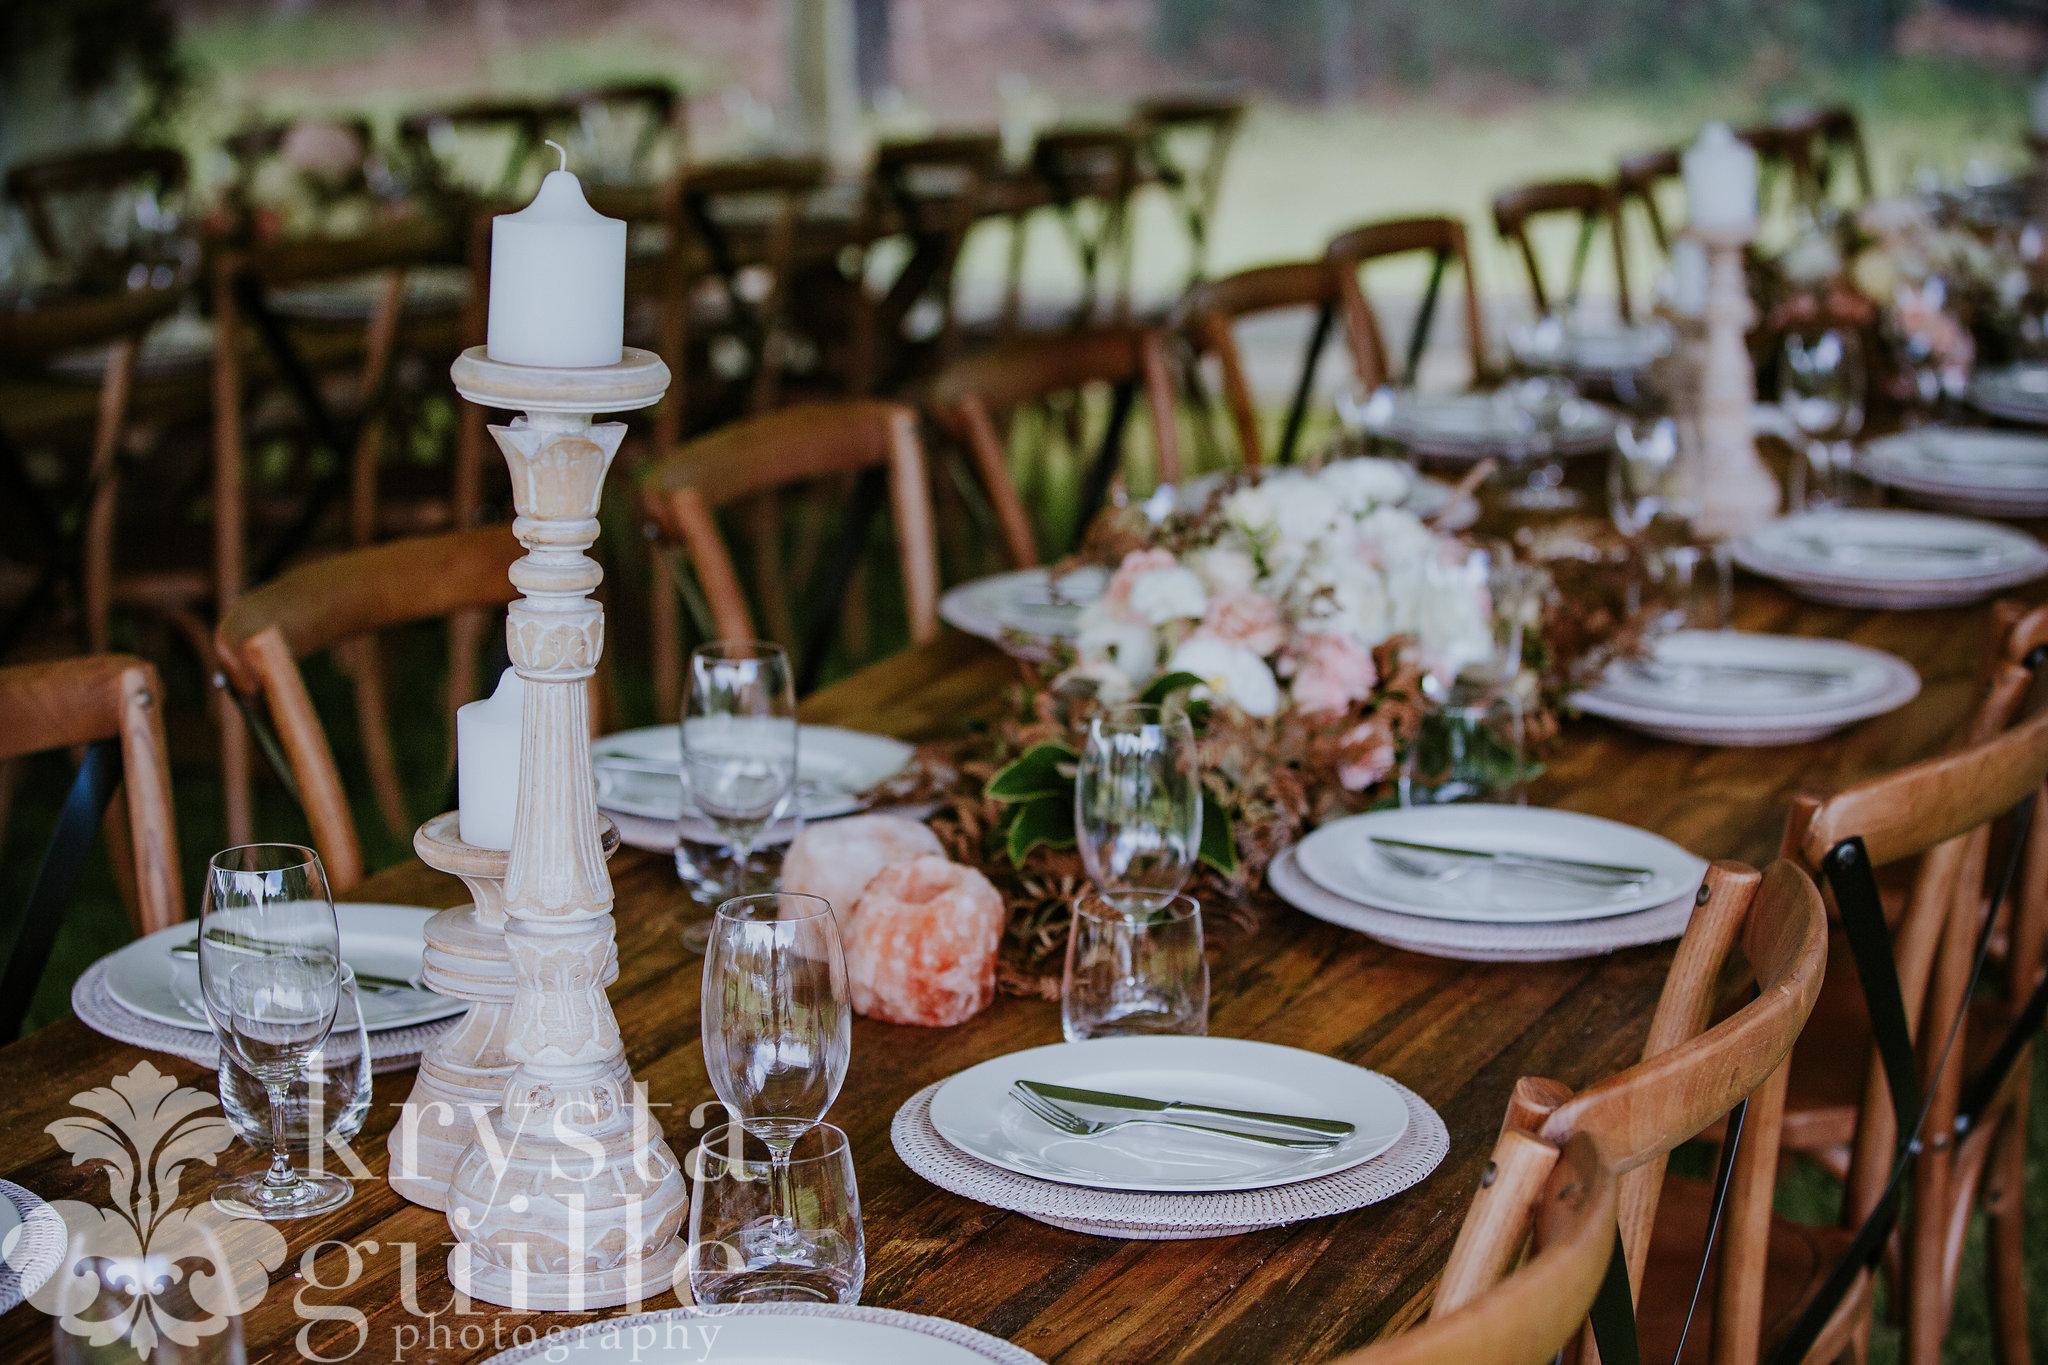 003_Wedding_Gala_krystaguille.jpg